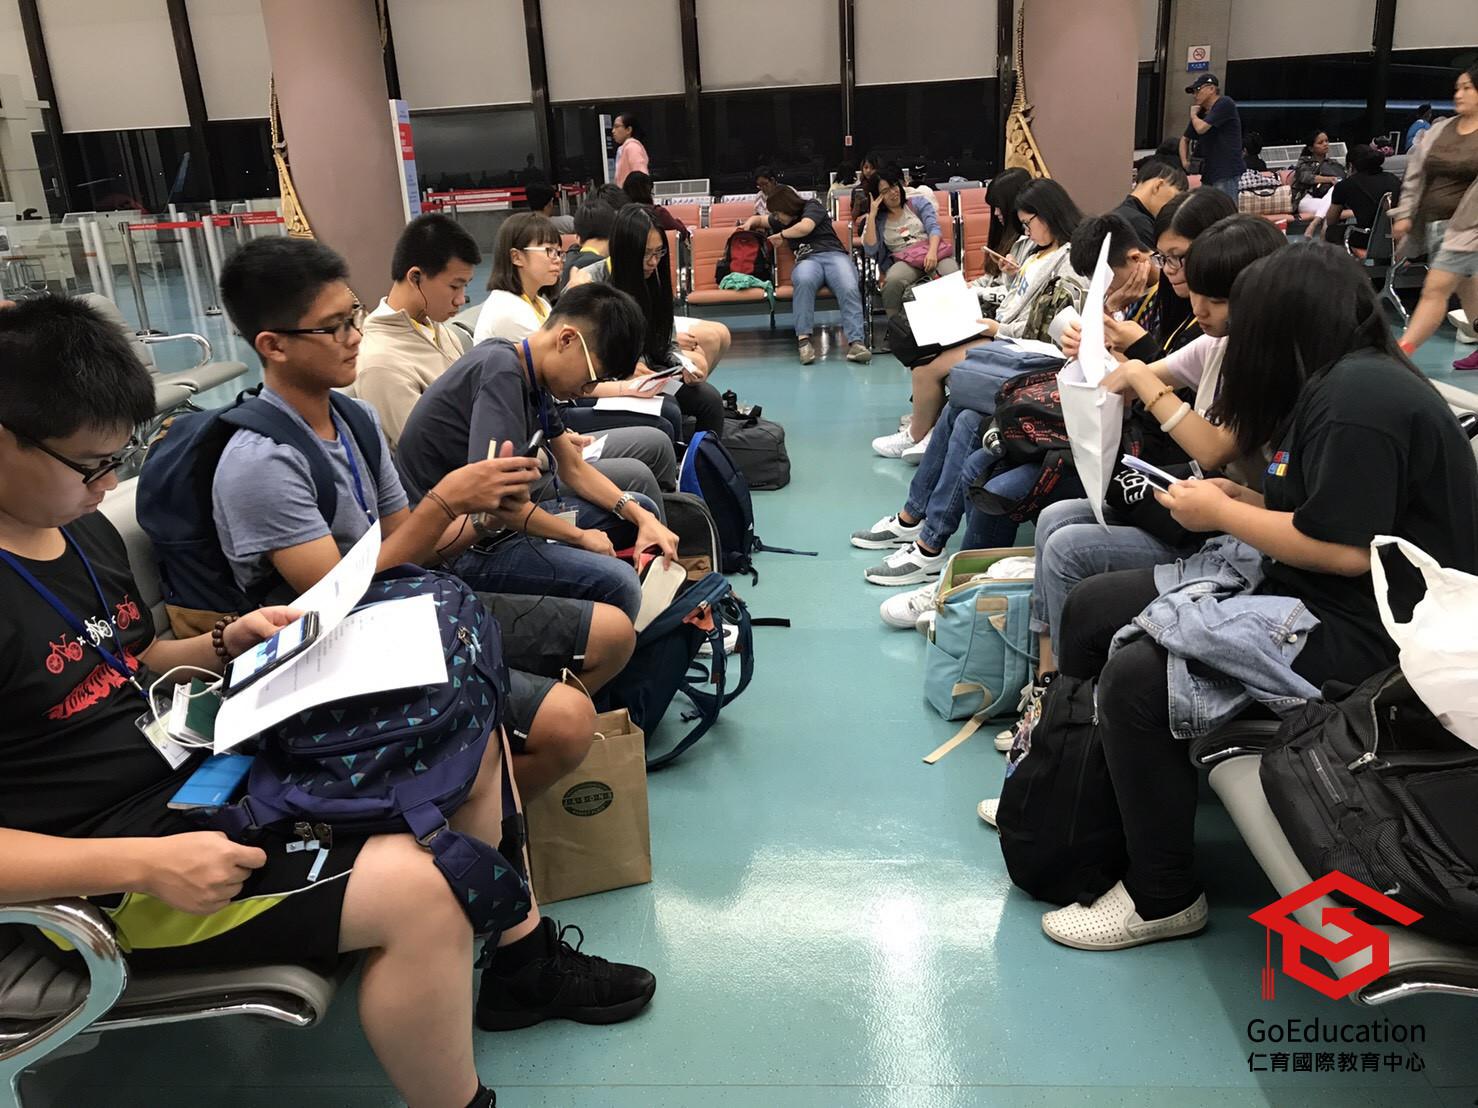 help2017菲律賓暑期遊學團密集英語專班機場準備出發